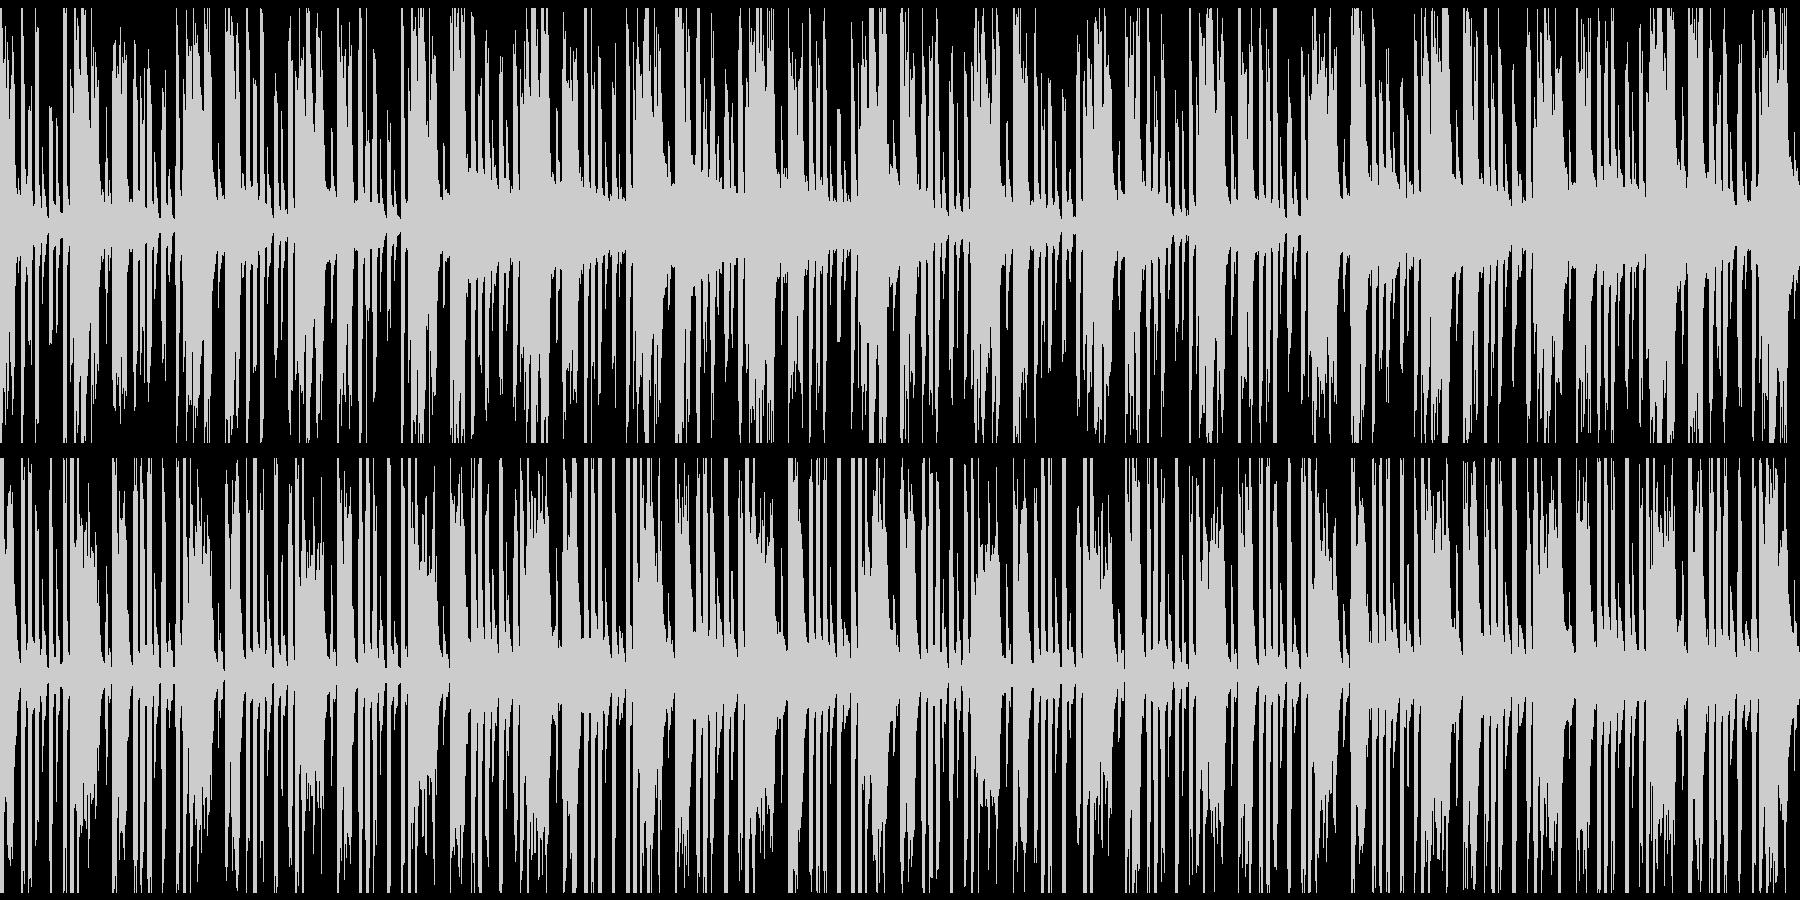 ニュース報道BGMの未再生の波形